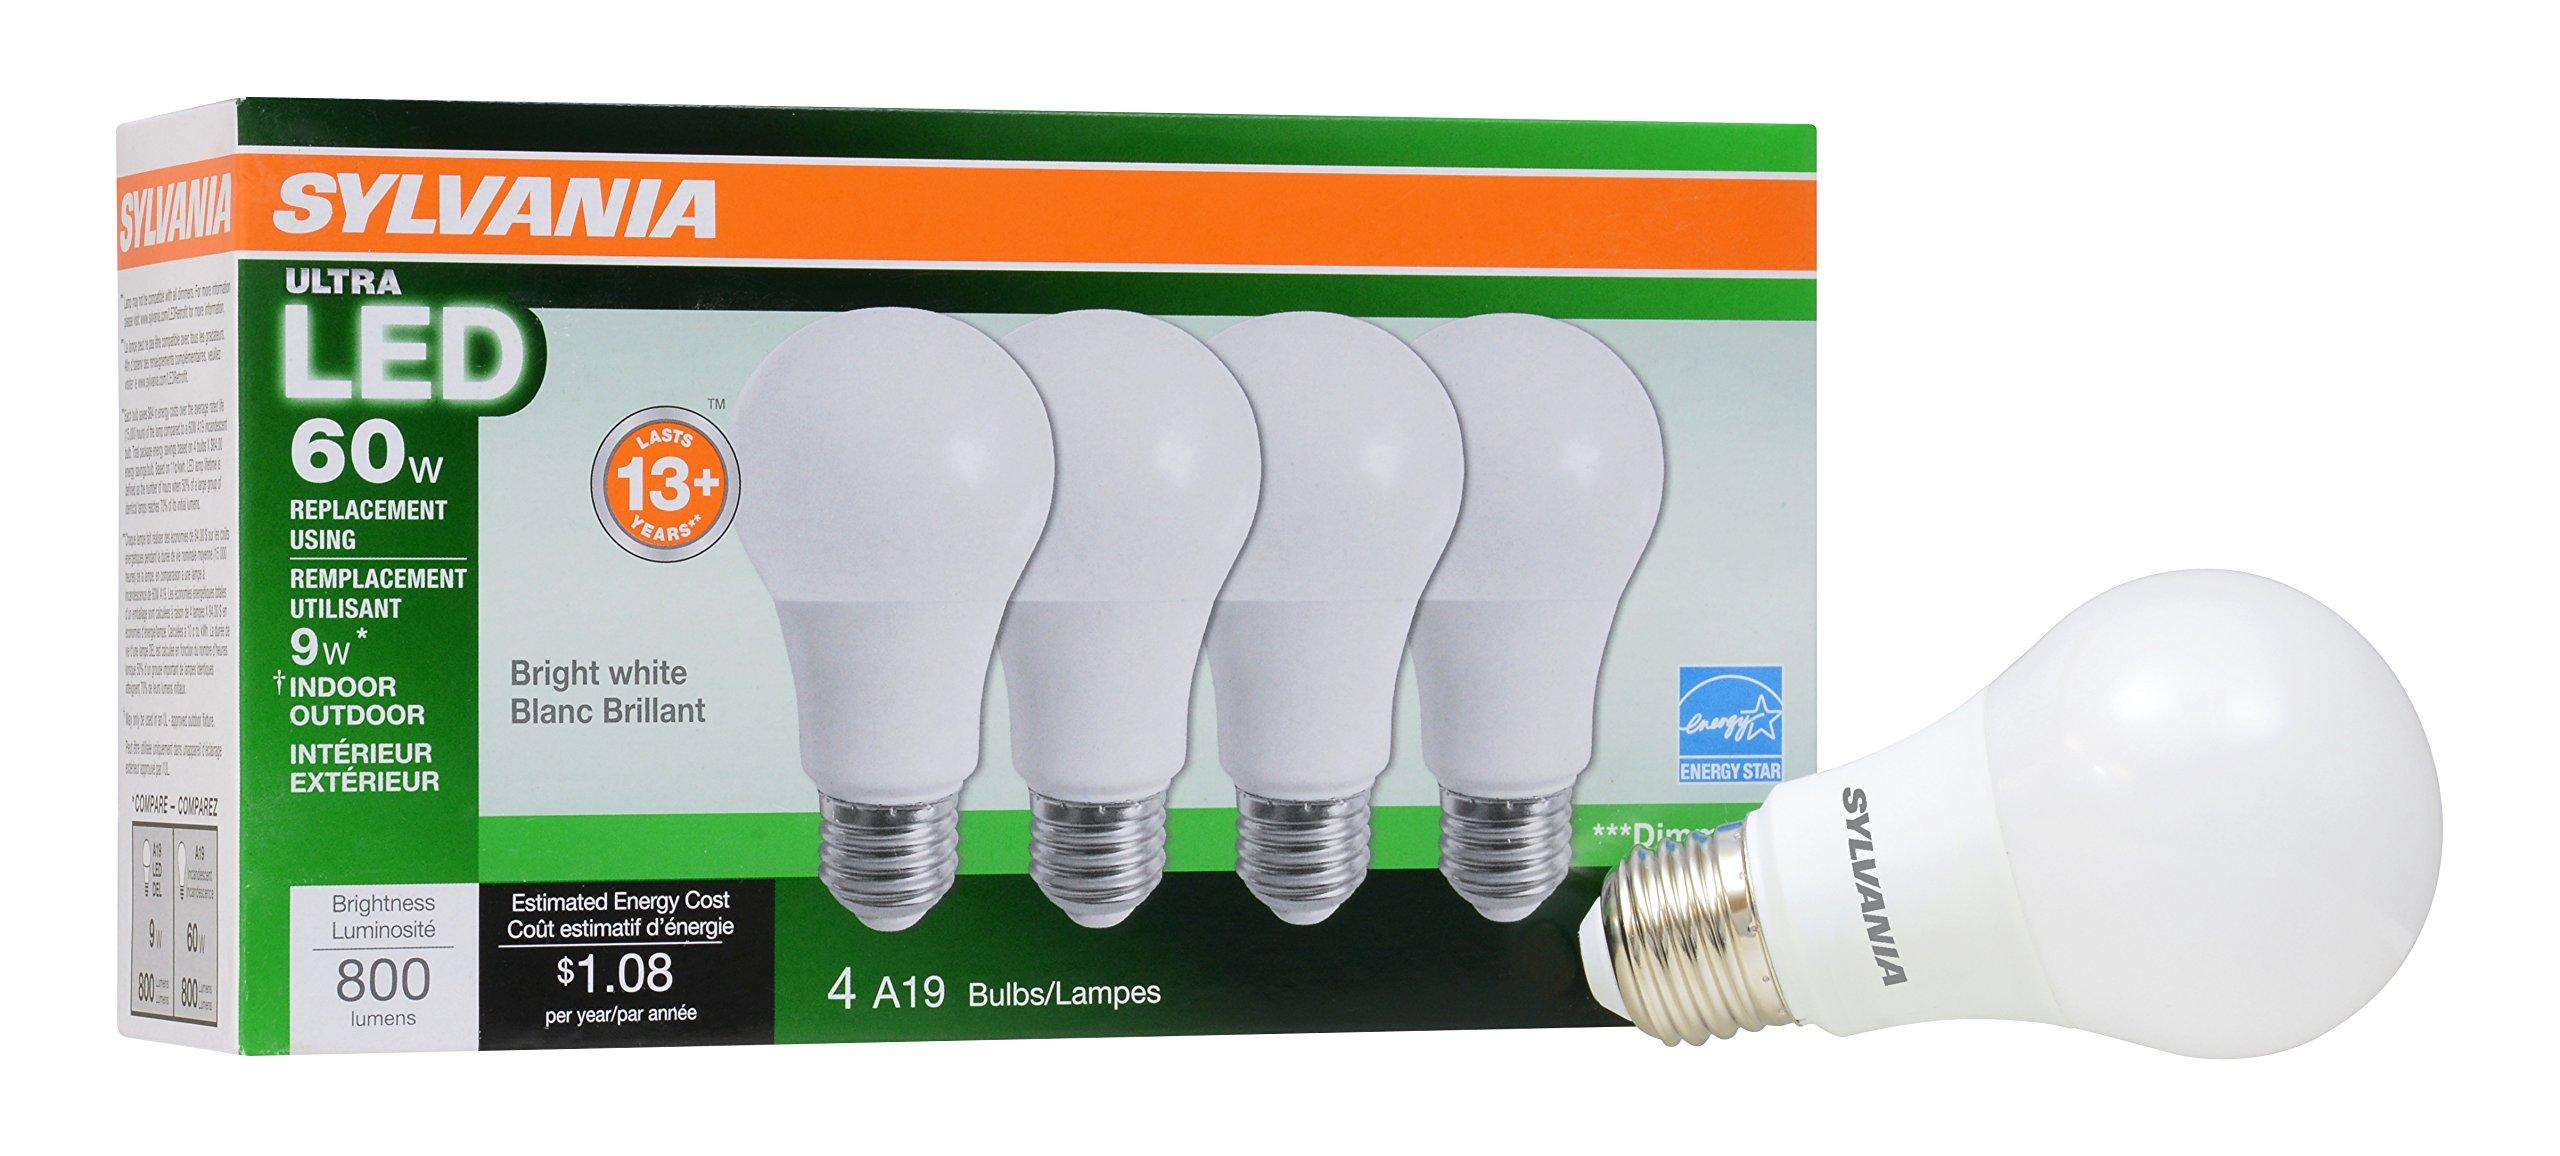 Sylvania Home Lighting 78038 A19 Sylvania Ultra 60W Equivalent LED ...